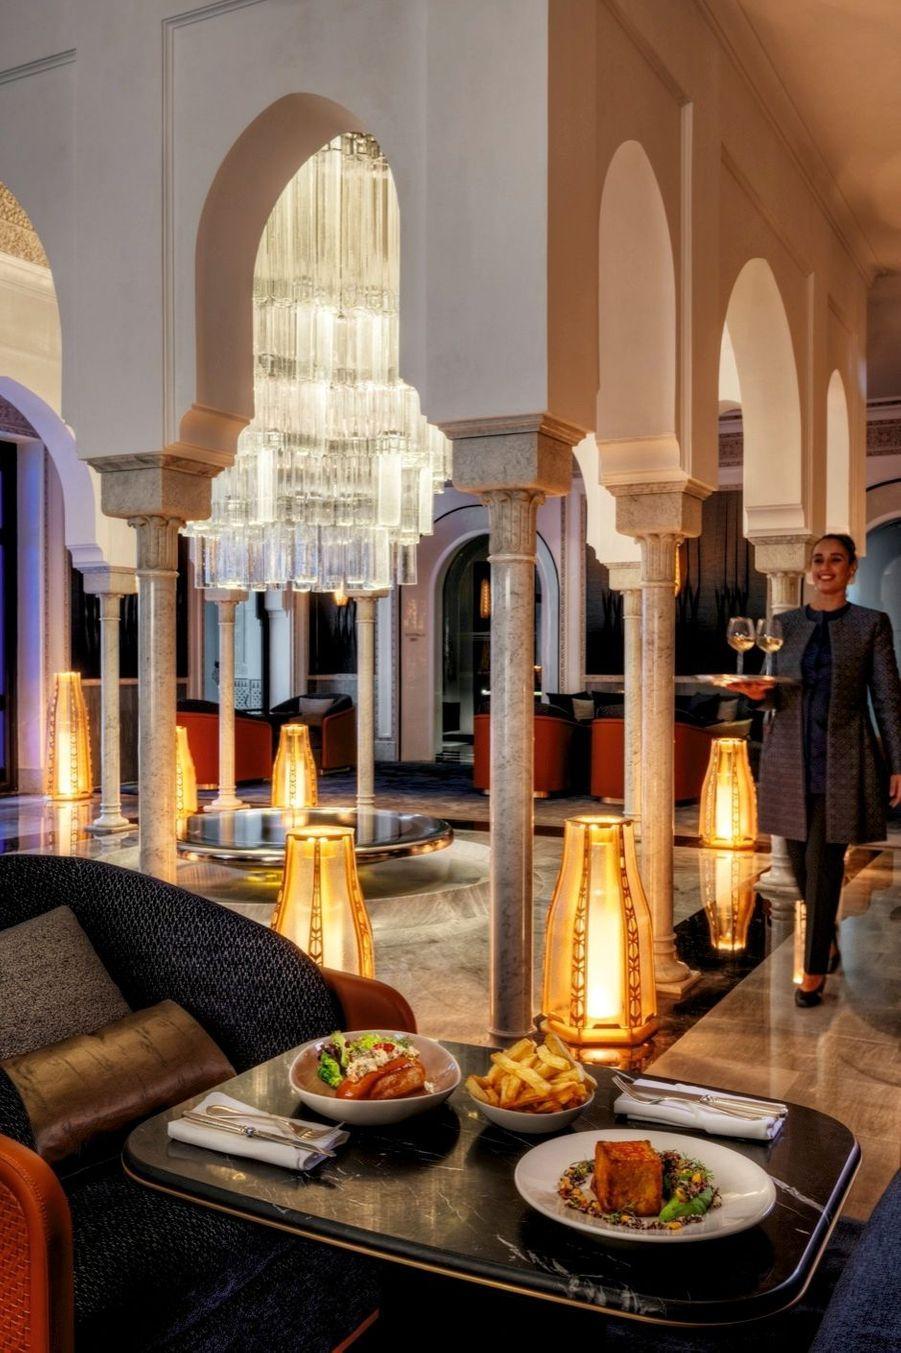 A droite du hall d'entrée, salon de thé sucré-salé de Pierre Hermé. Les lanternes plus modernes et le lustre monumental sont l'œuvre de Patrick Jouin et Sanjit Manku